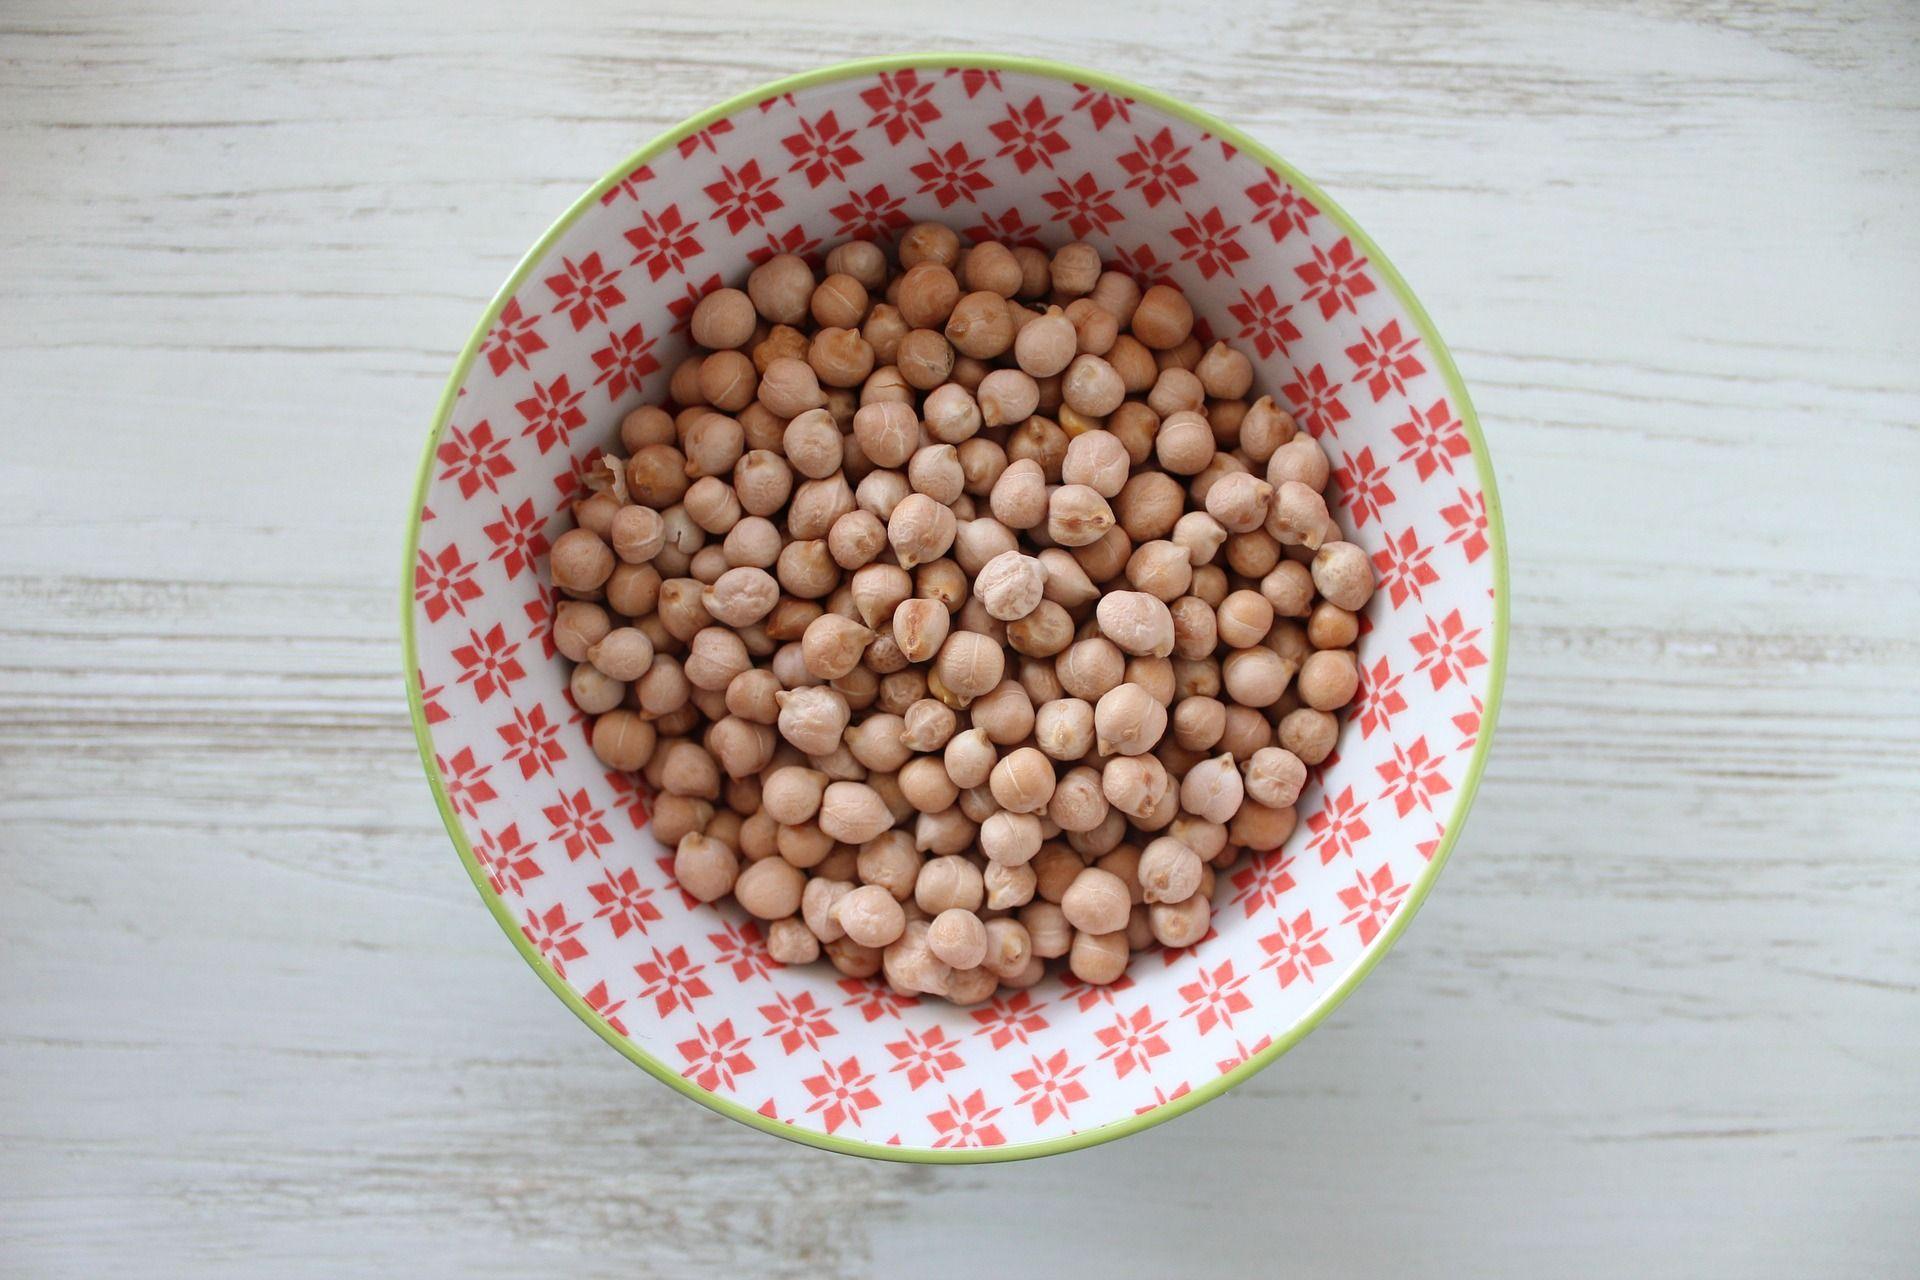 Distribución de legumbres seleccionadas para la hostelería en Madrid